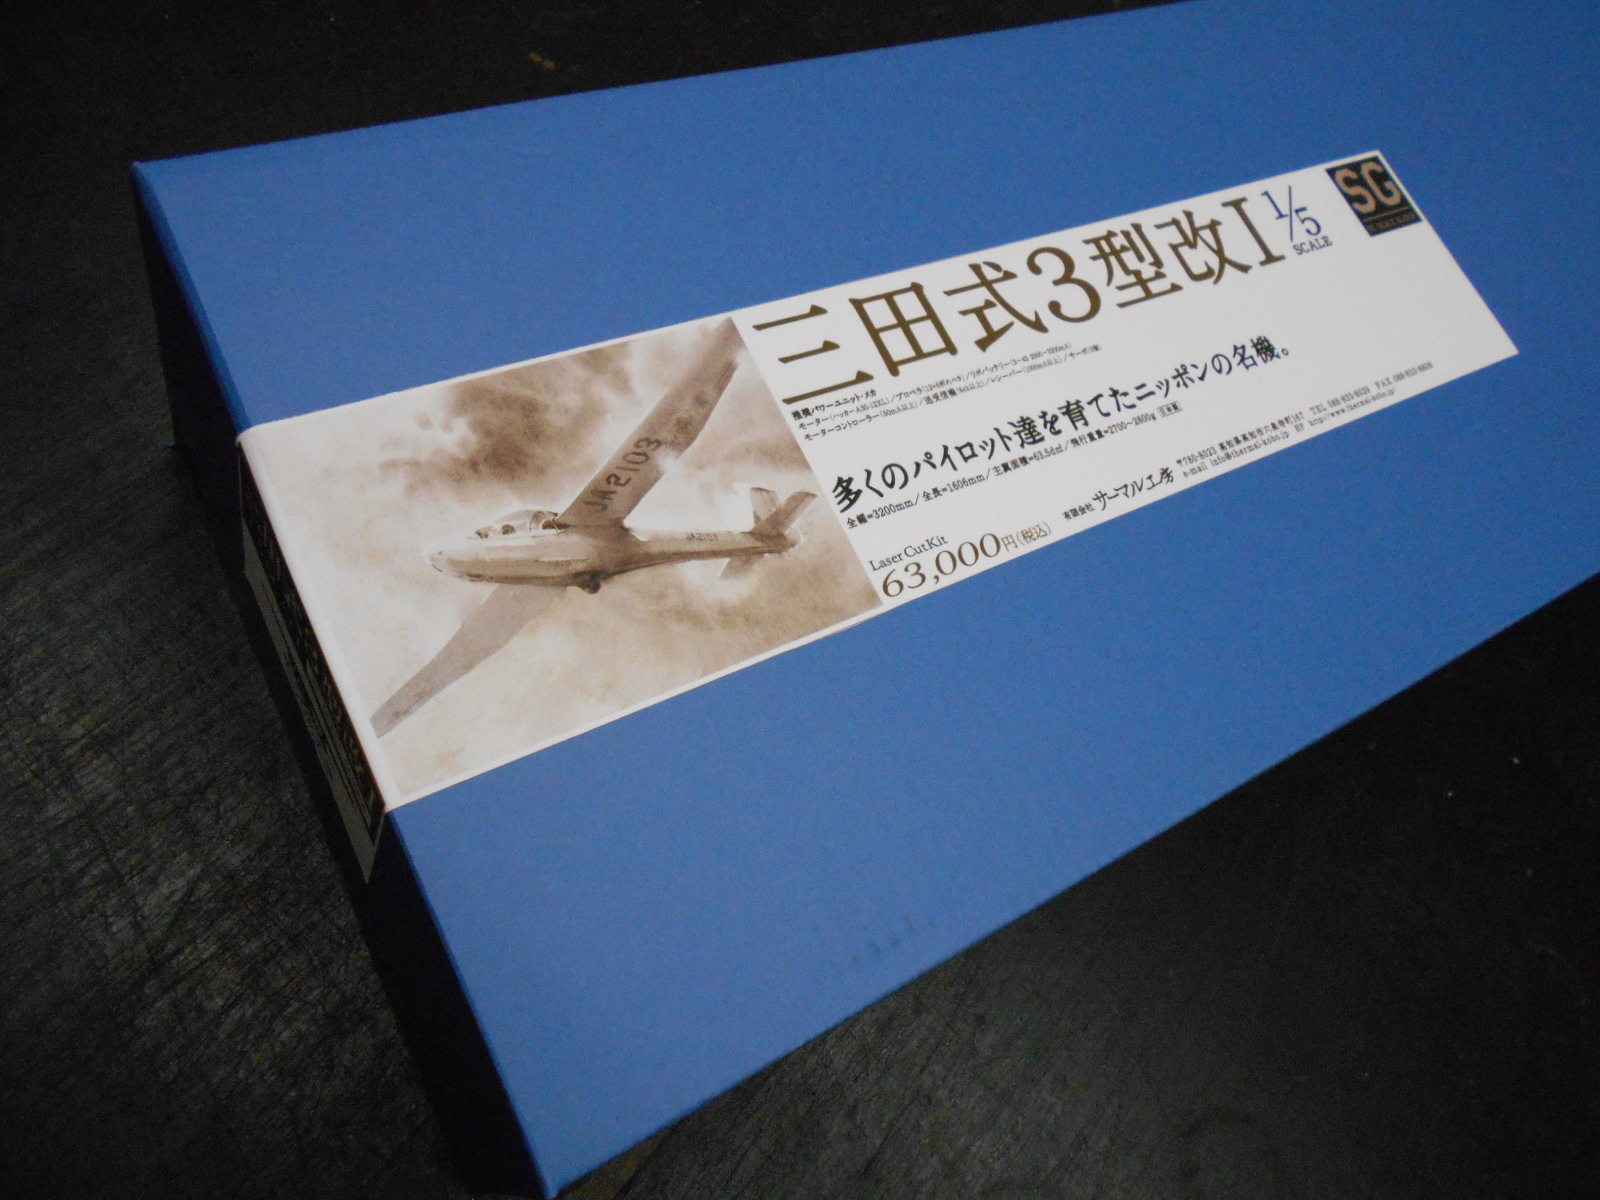 三田式三型改1が受けています!_e0146402_21122842.jpg